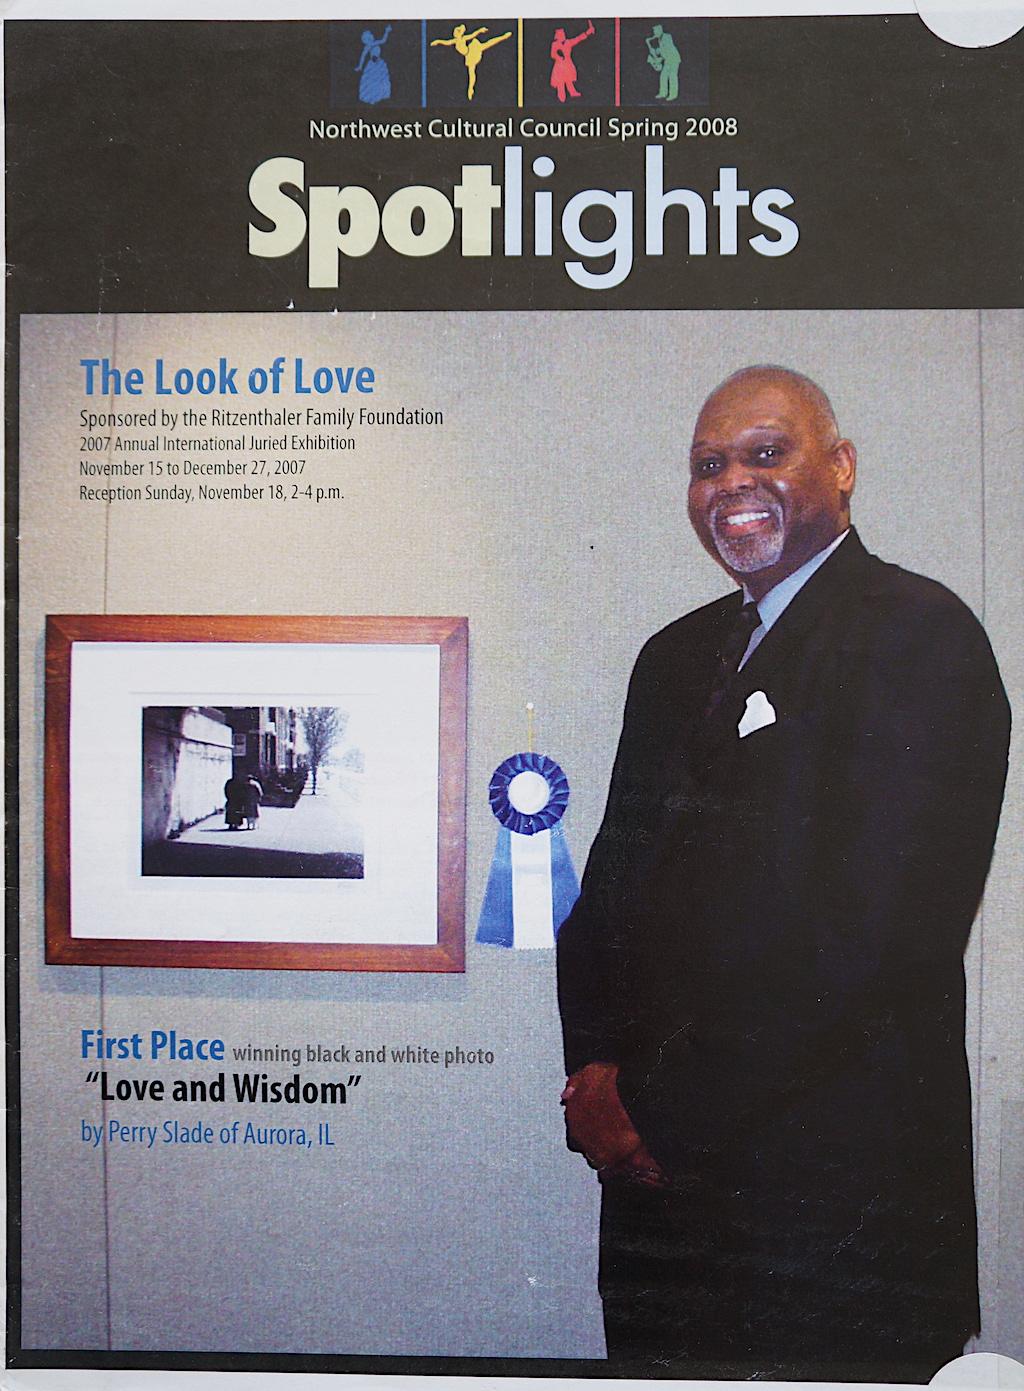 Spotlights 2008